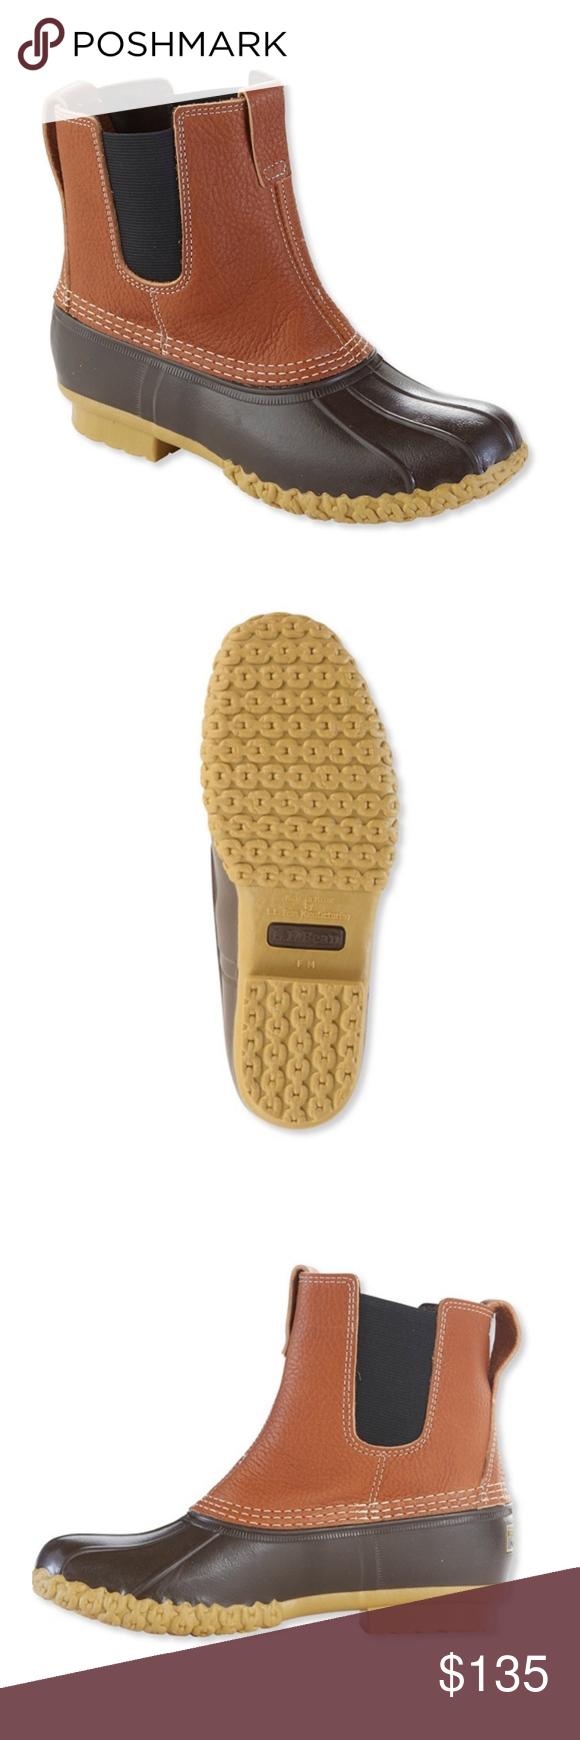 """L. L. Bean Boots 7 """"Zoll Chelsea Tumbled Leather 9 Genießen Sie die gleiche Qualität und …"""